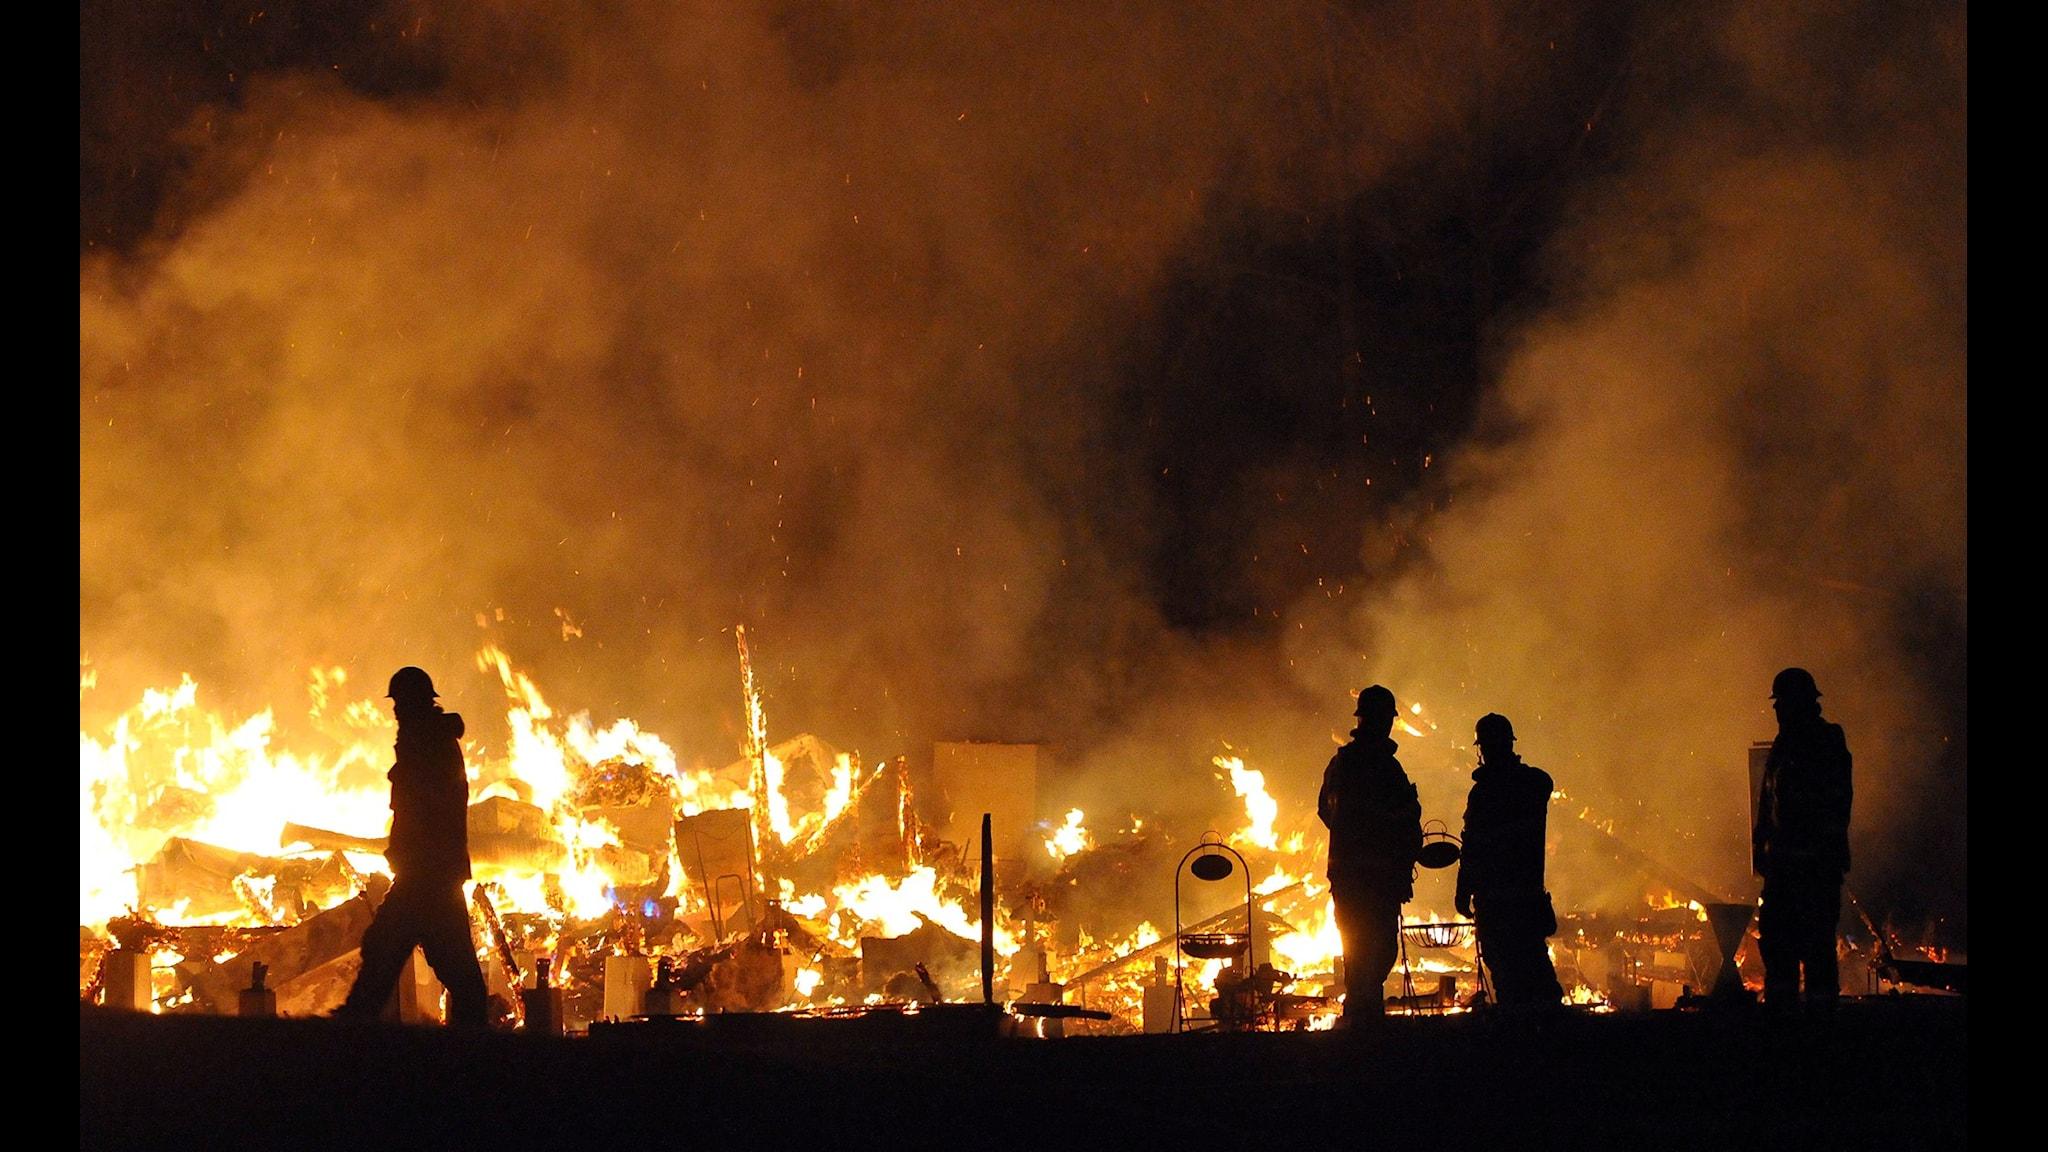 Svensk räddningstjänst brister i utbildning och övning